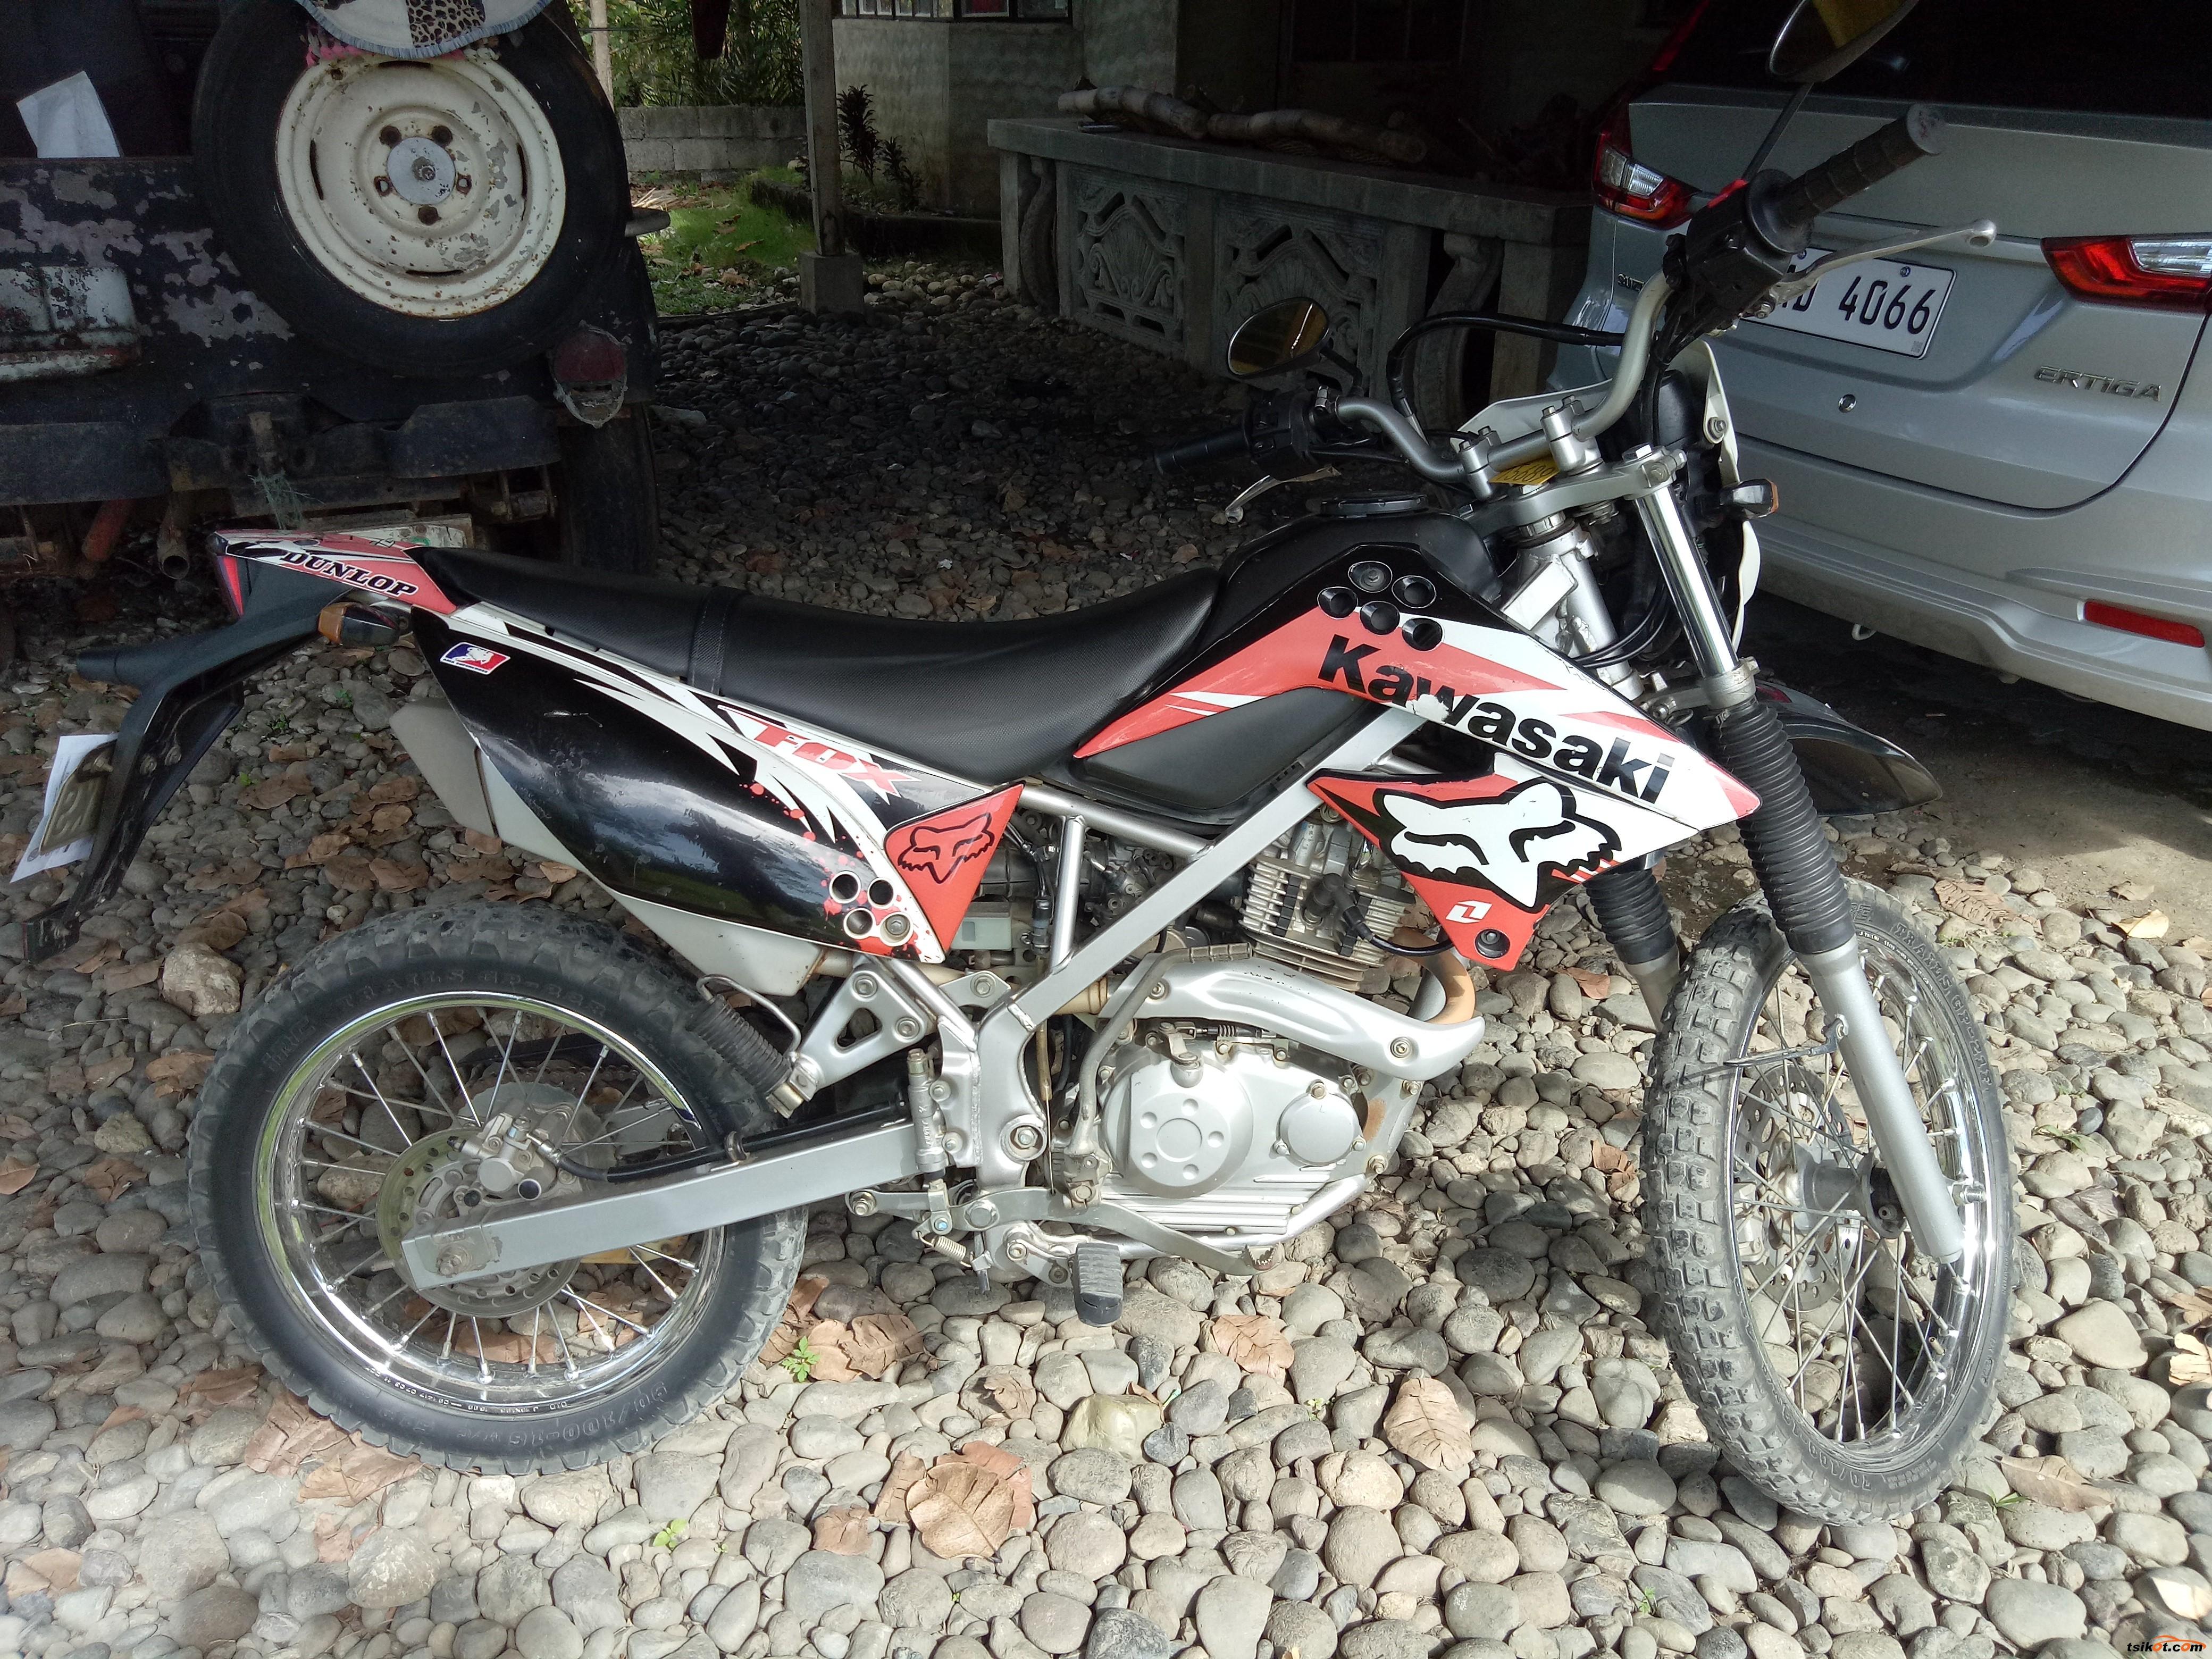 Kawasaki Klx 140 2013 - 1